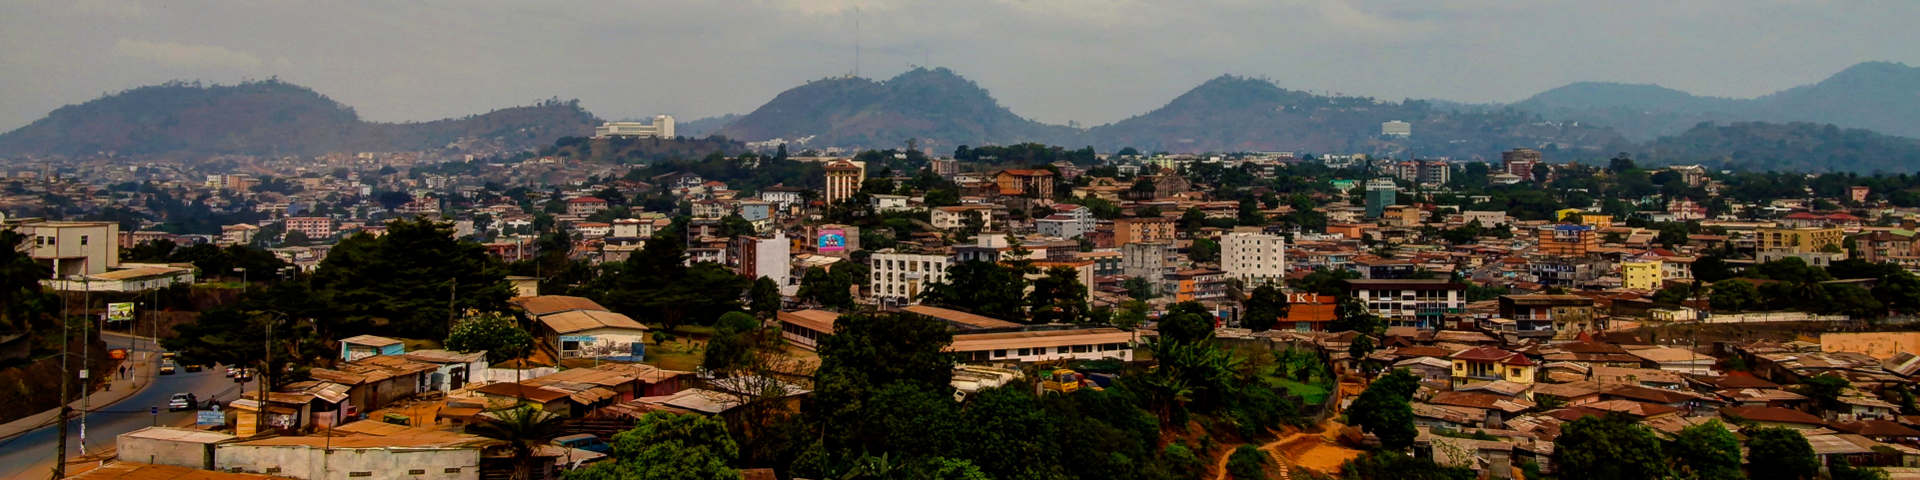 Yaoundehero